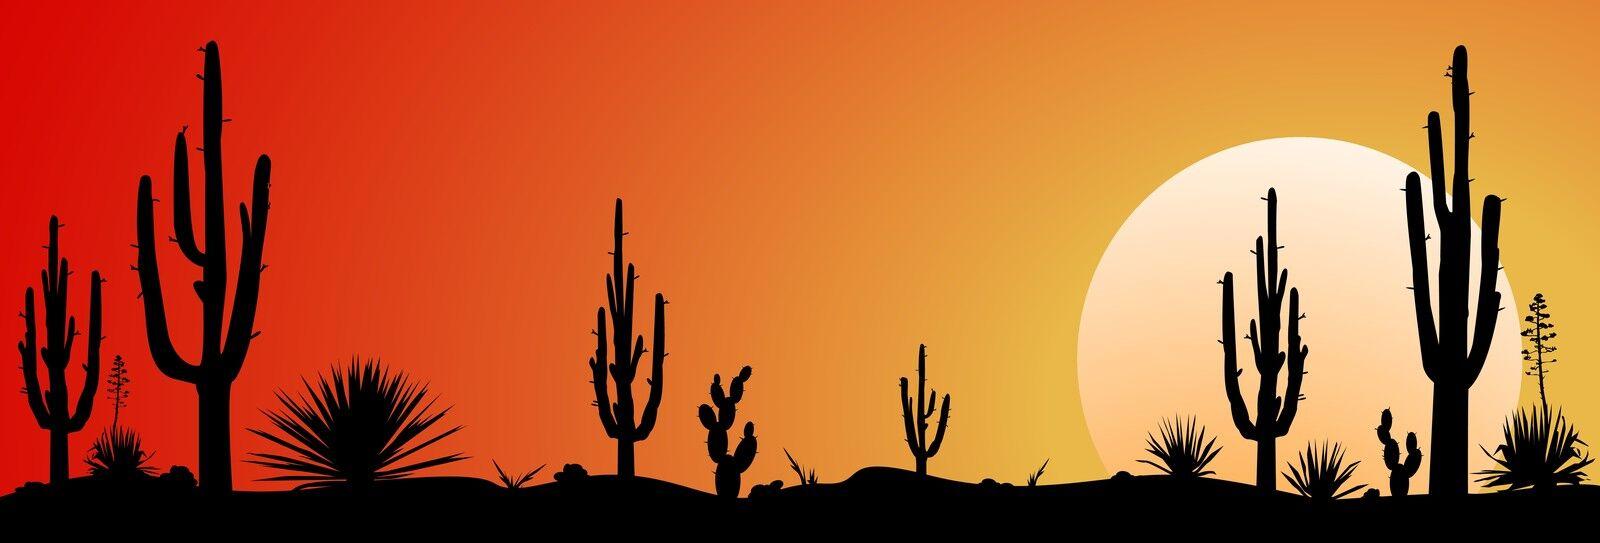 Hamiltons Cacti